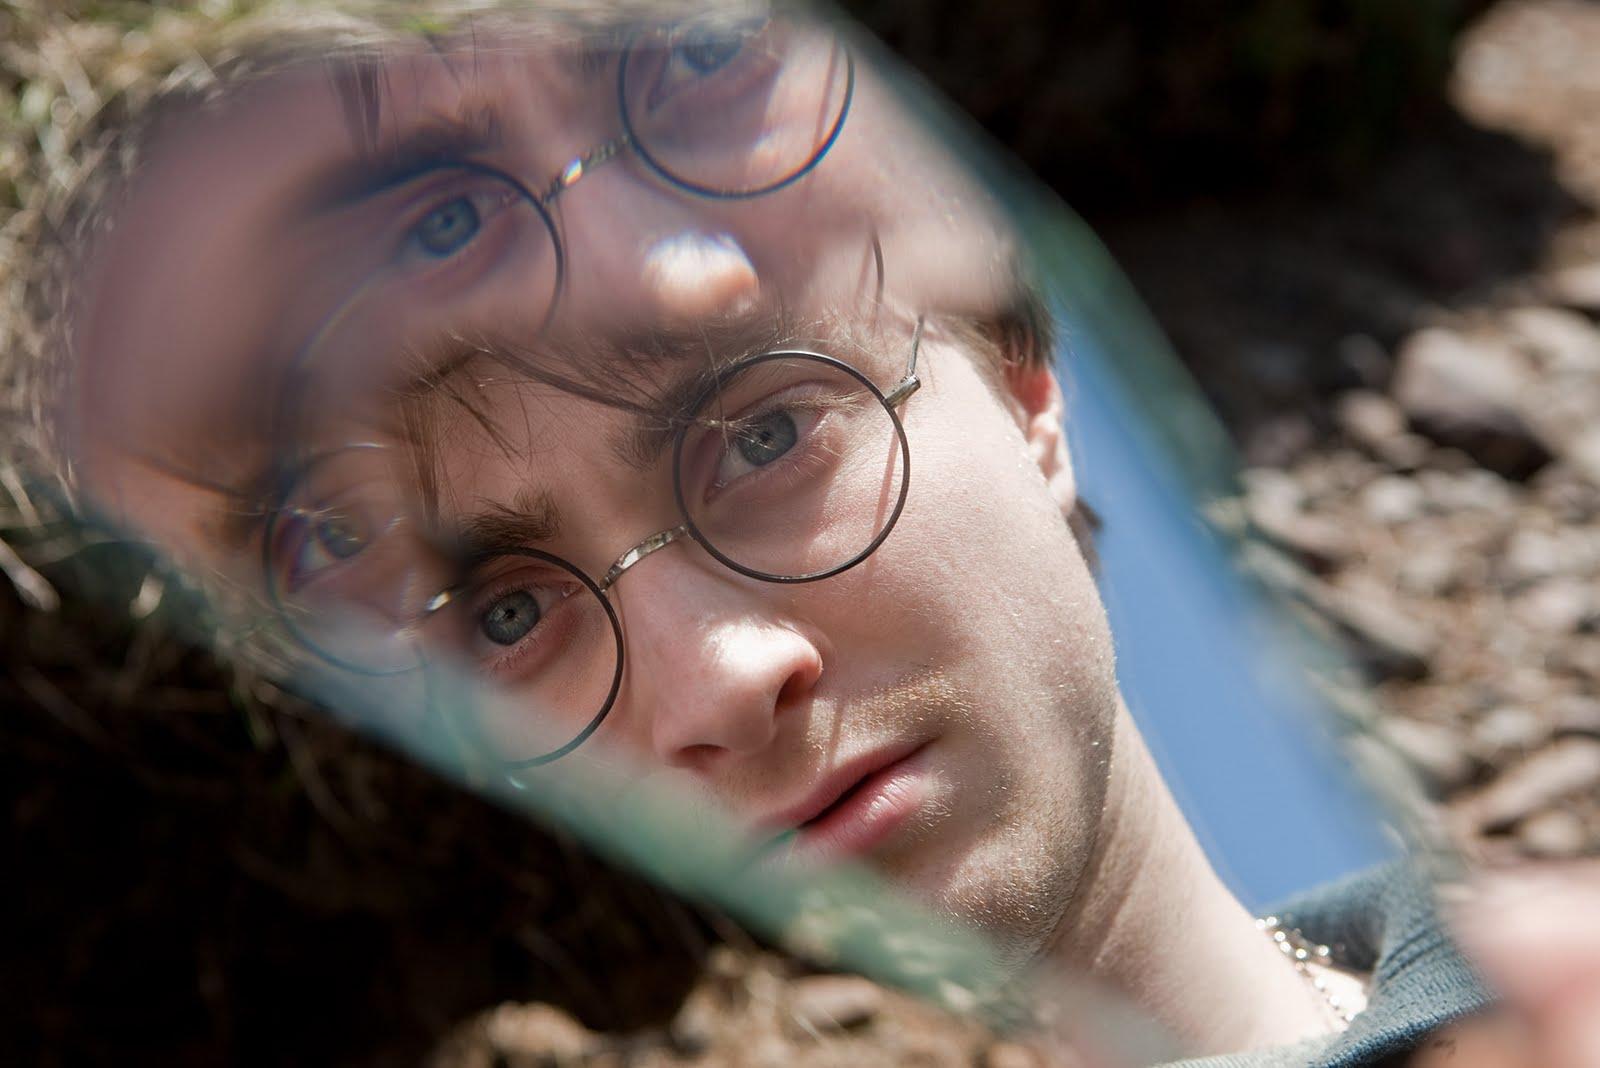 http://4.bp.blogspot.com/_2fdwksuATNA/TIW8cQYTwII/AAAAAAAAAPk/Bbe8CchhMMQ/s1600/Harry+Potter+7+Deathly+Hallows.jpg